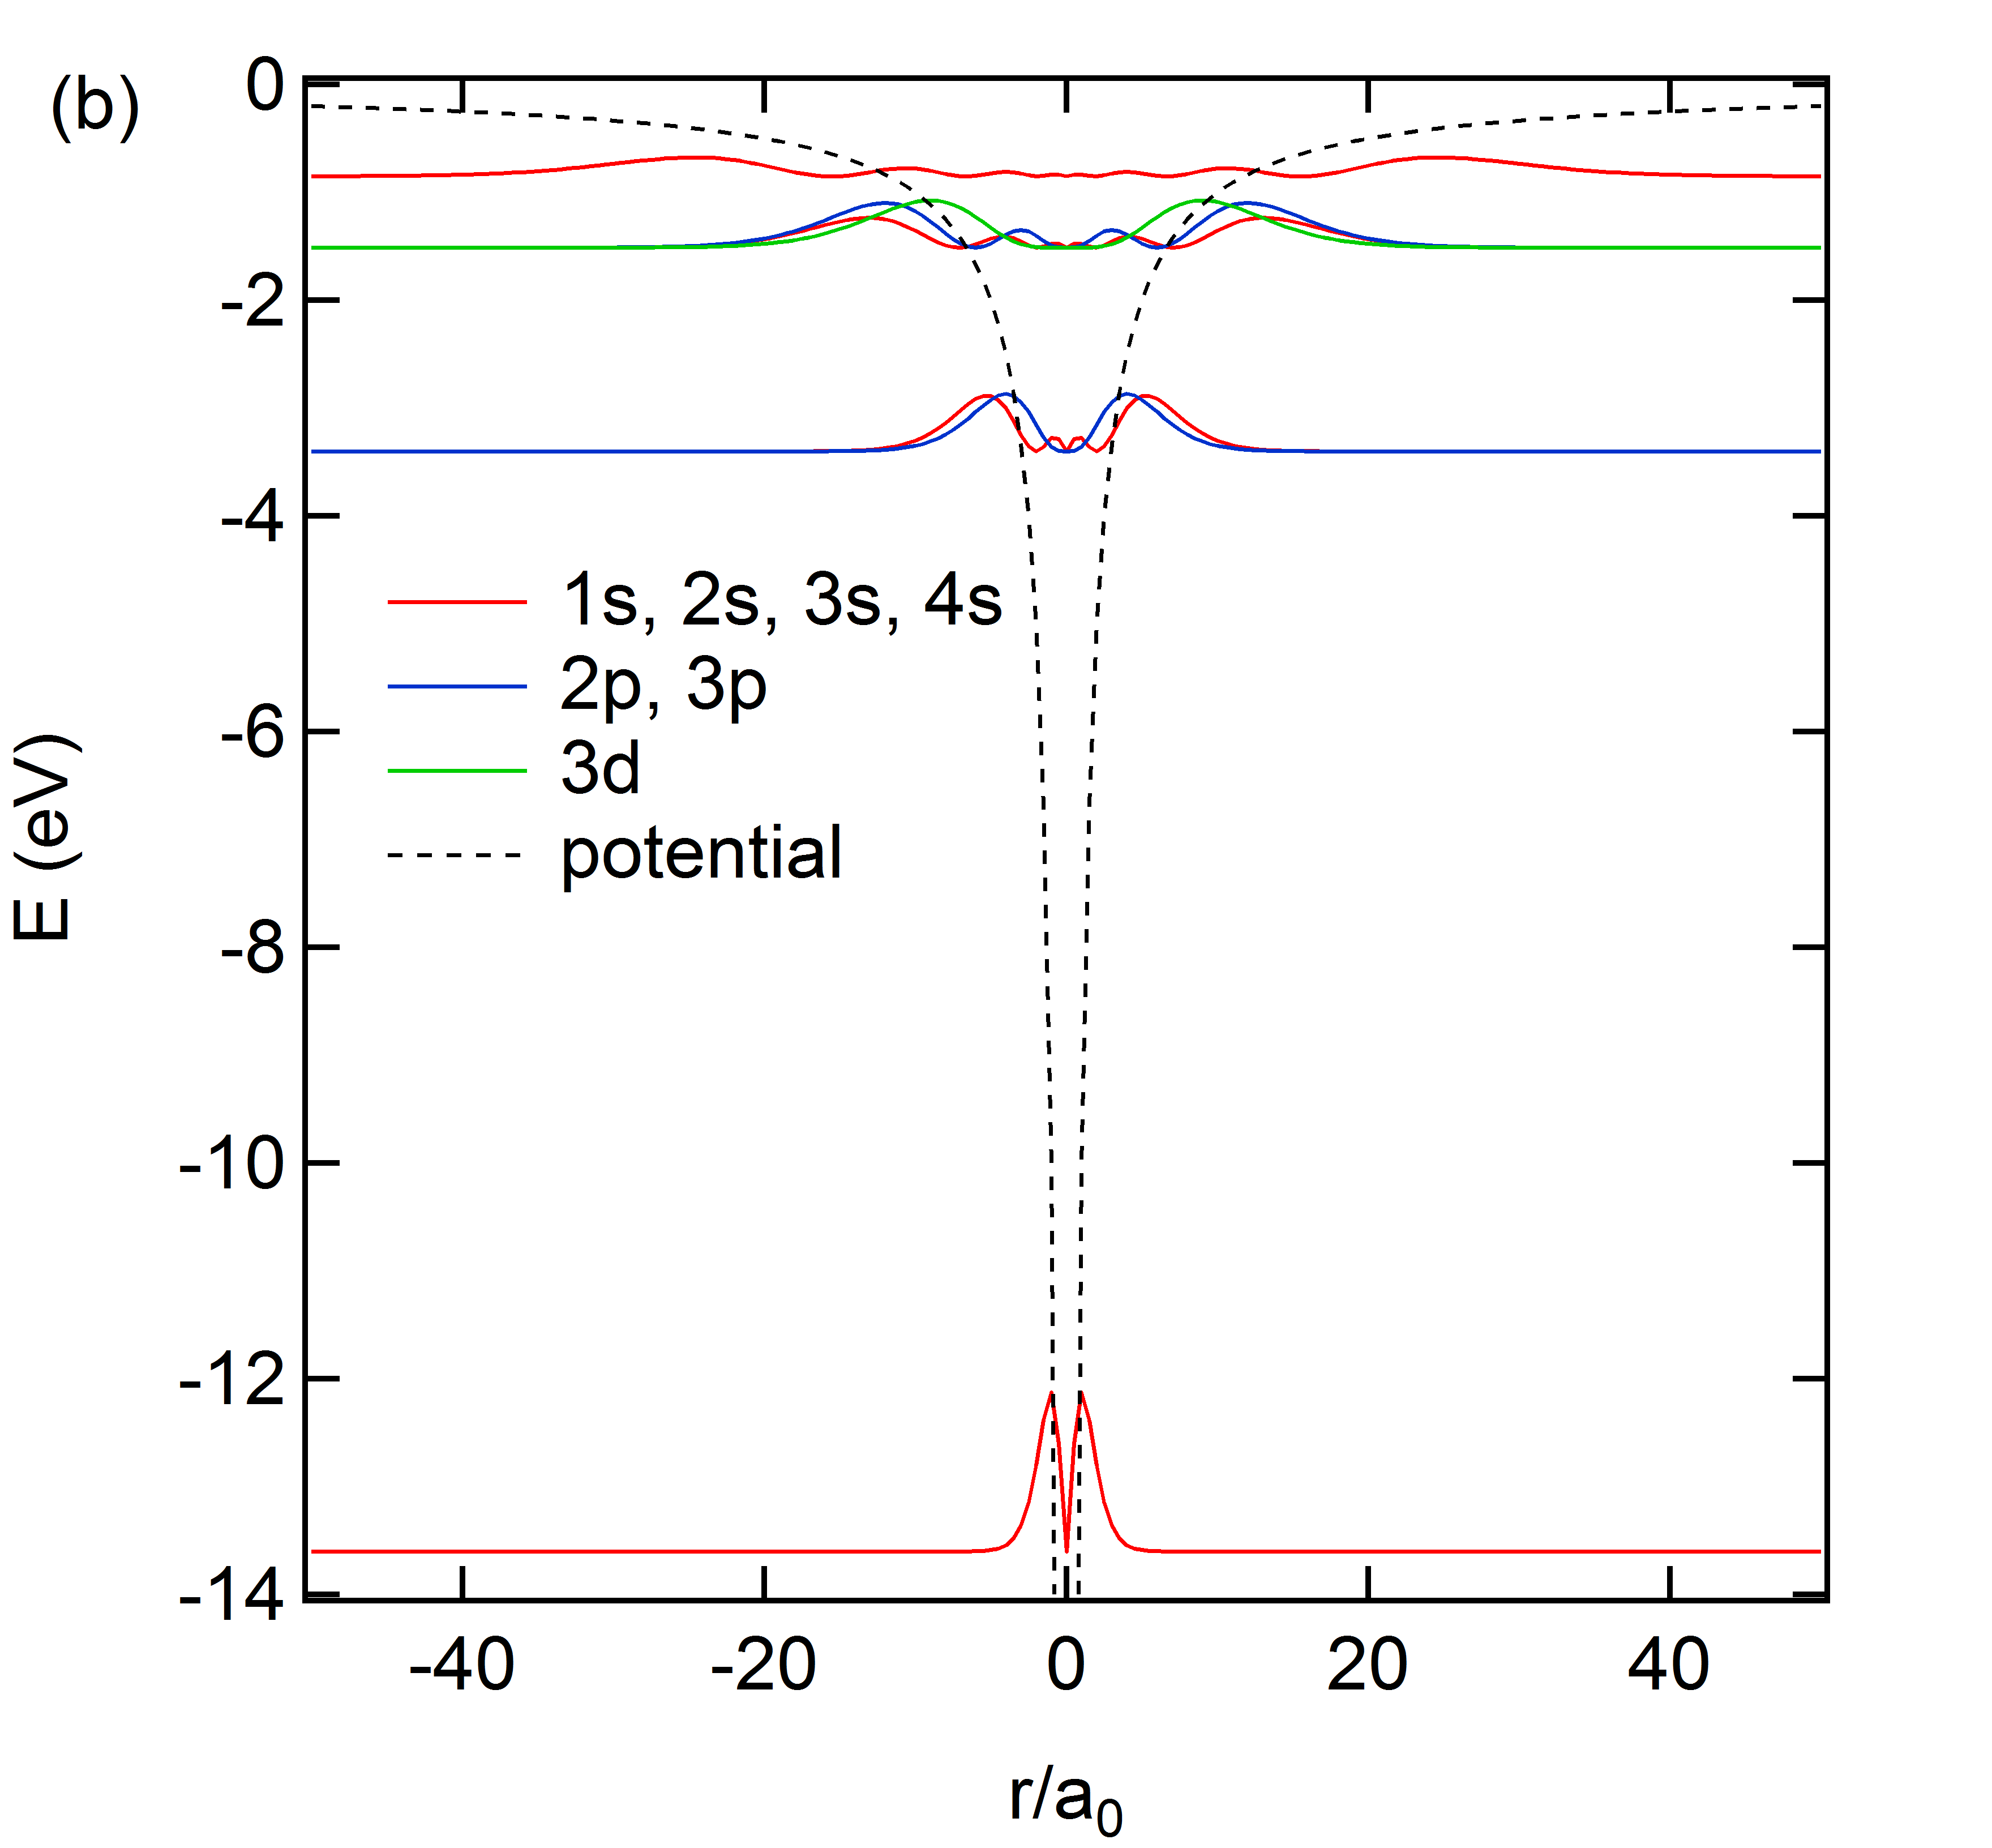 シュレディンガー方程式による量子化とその解釈 - 物理とか